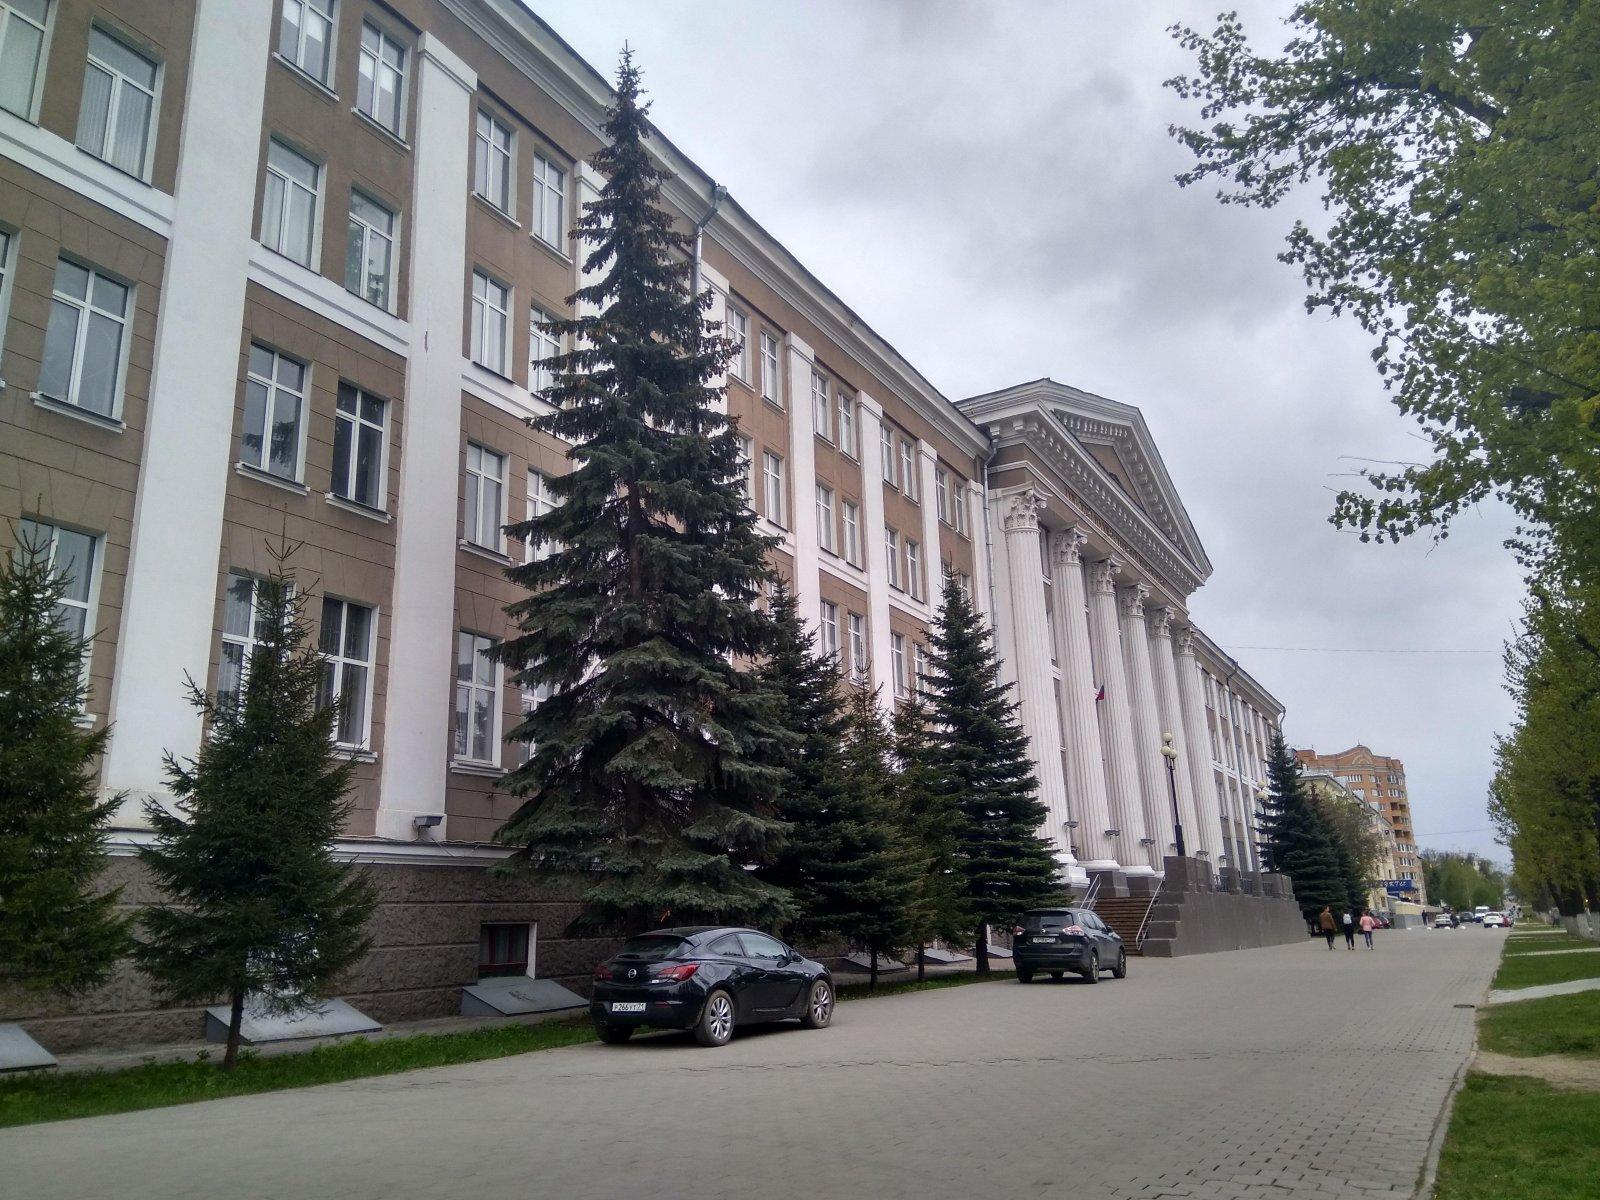 Ту́льский госуда́рственный университе́т (ТулГУ) — высшее учебное заведение расположенное в Туле